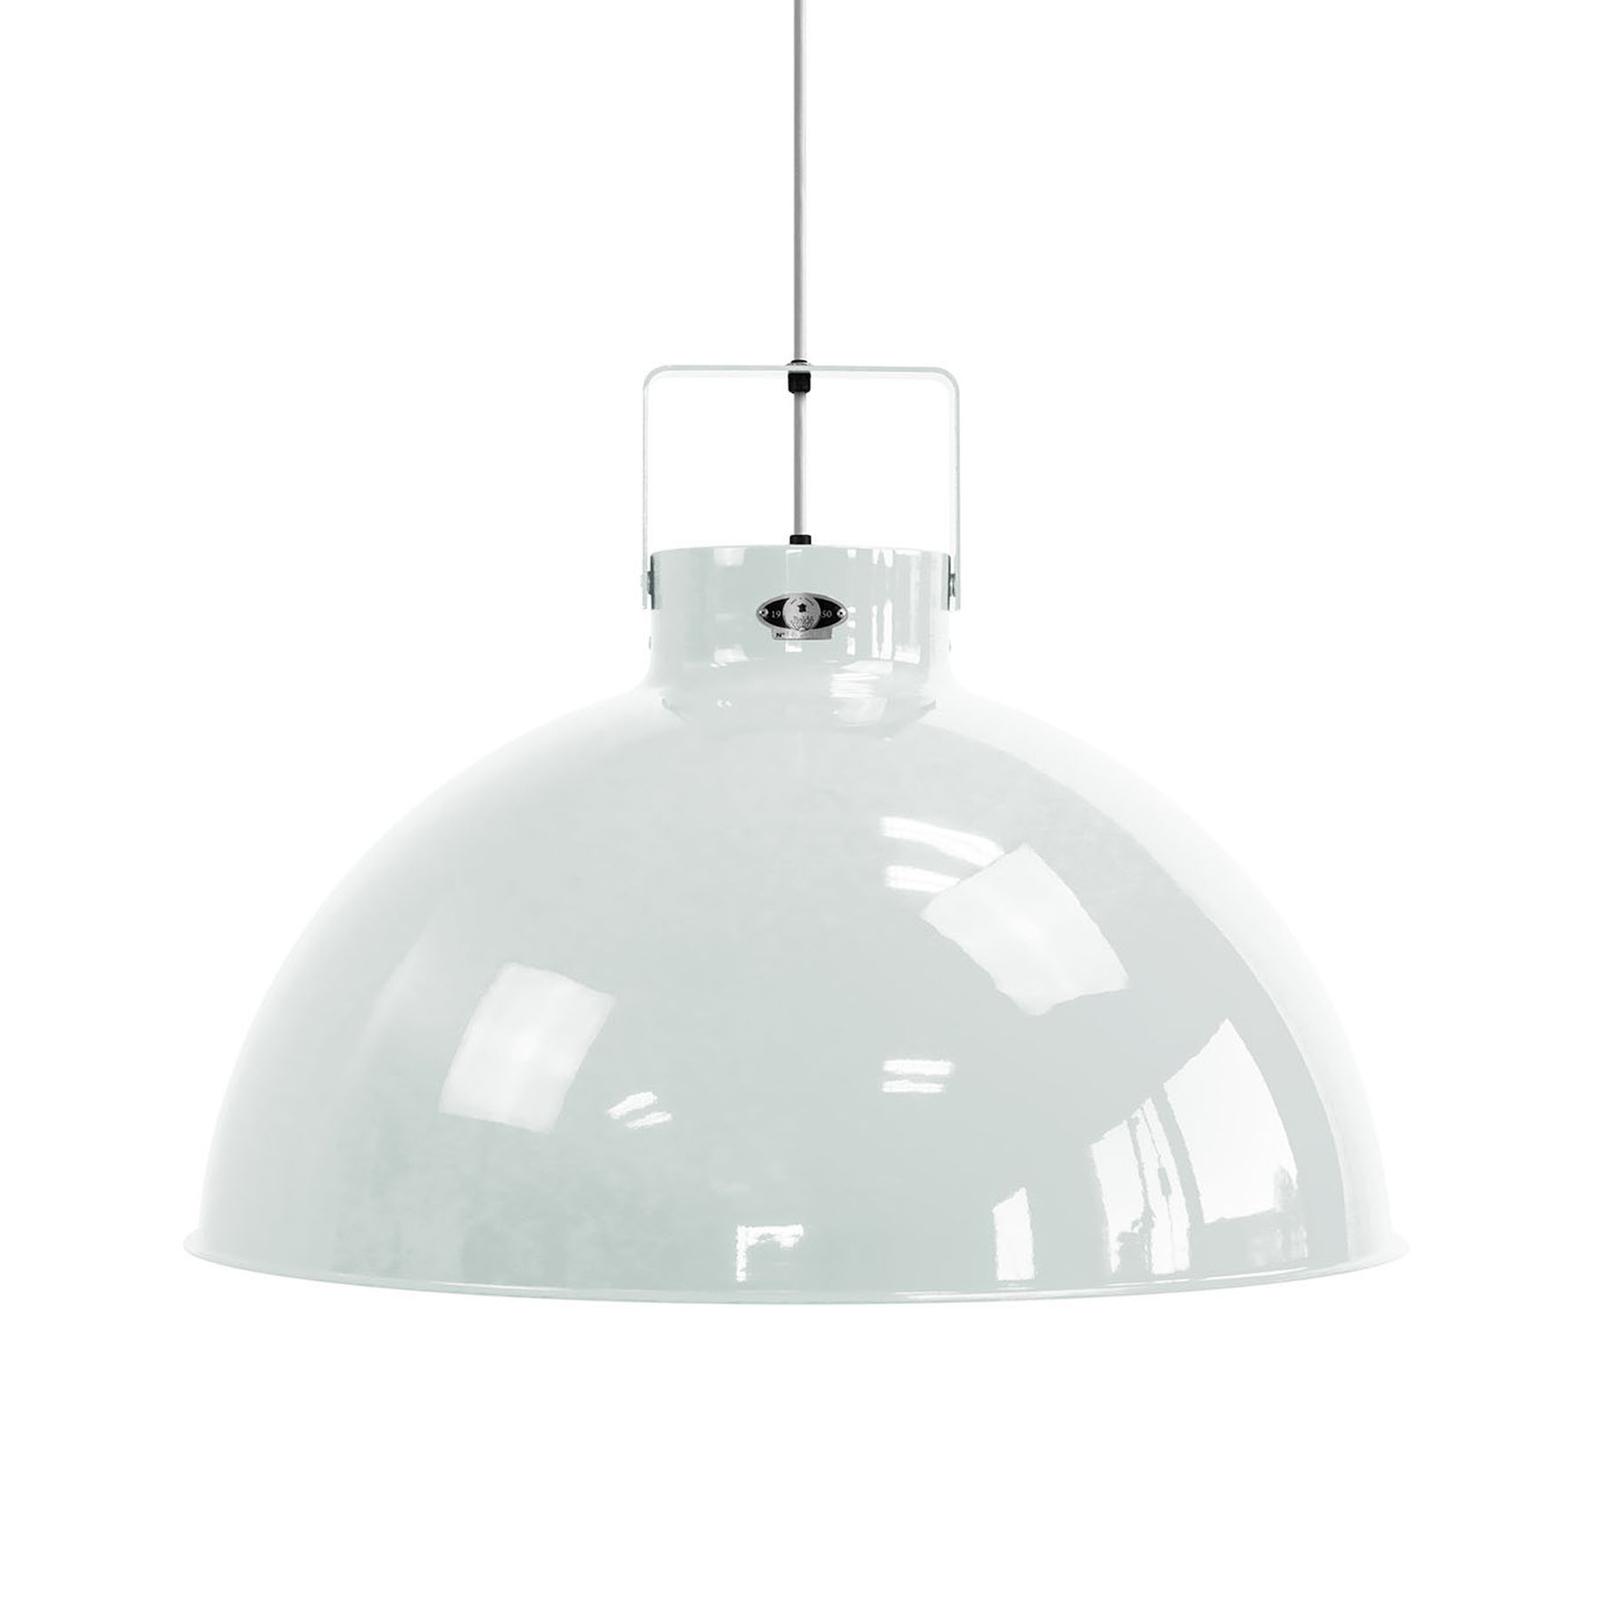 Jieldé Dante D675 hanglamp, wit, Ø 67,5 cm